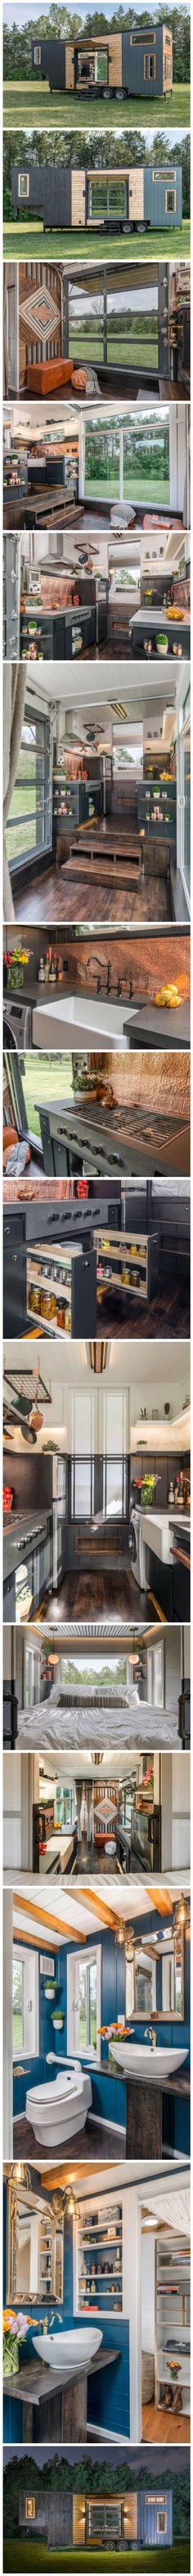 Avec des couleurs vives, cette petite maison fait rêver... Pour moi parfaite en plus d'une cuisine à faire rêver!!!